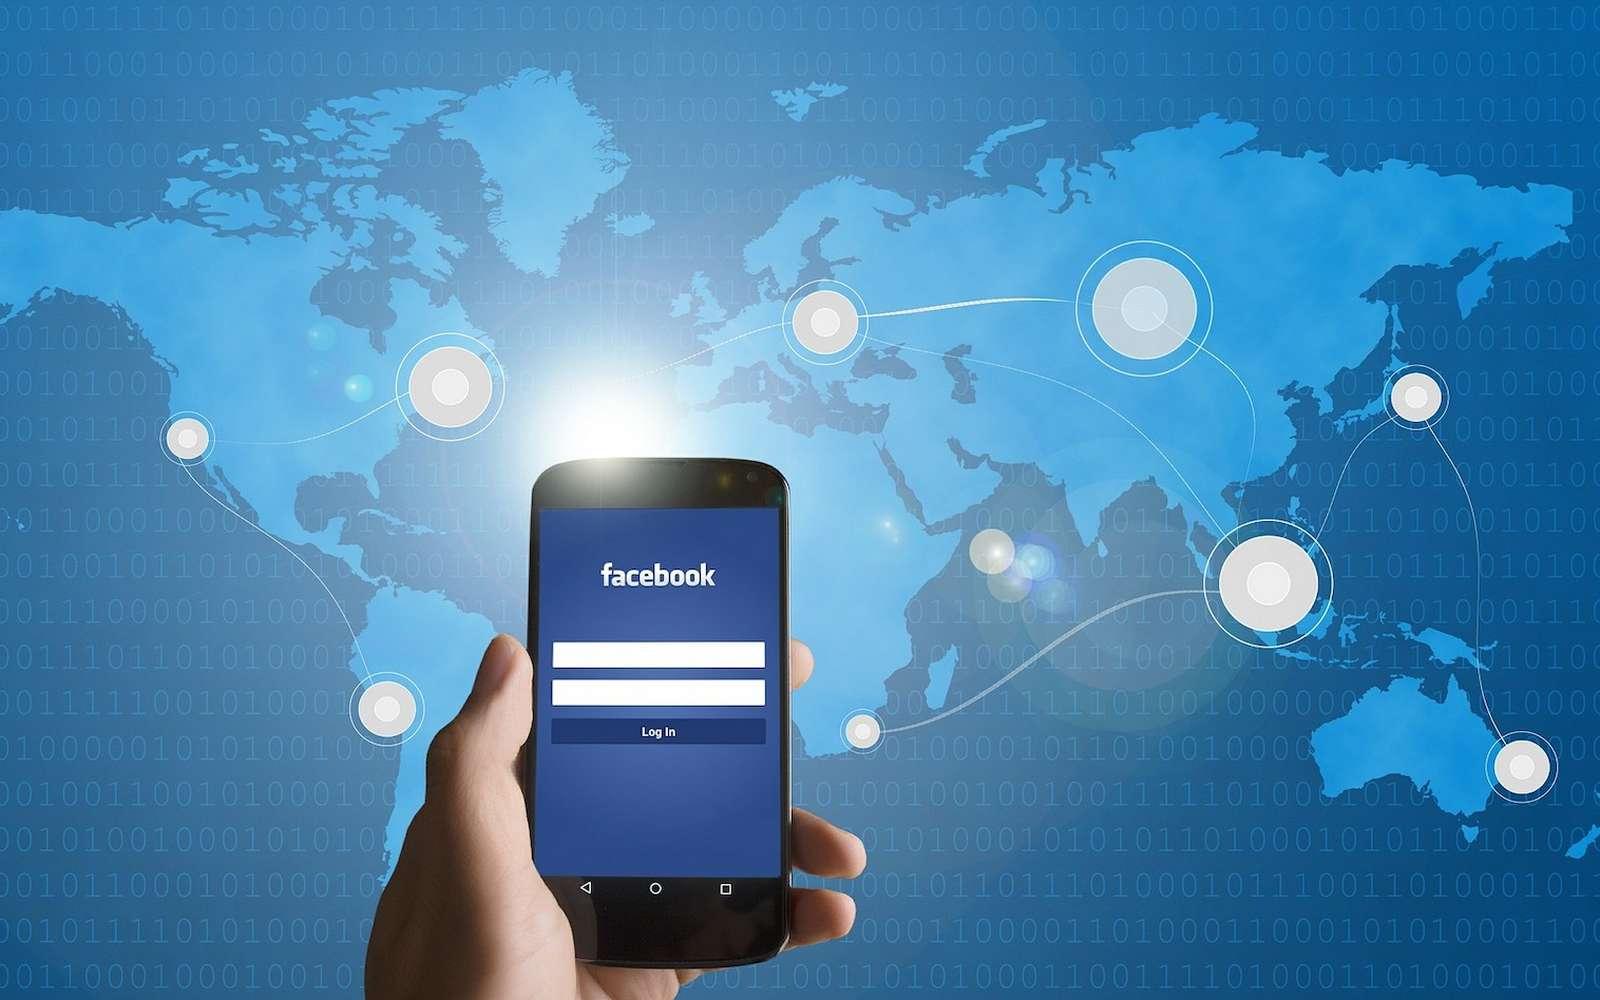 Facebook veut utiliser votre géolocalisation pour anticiper vos mouvements et vos centres d'intérêt © Edar, Pixabay